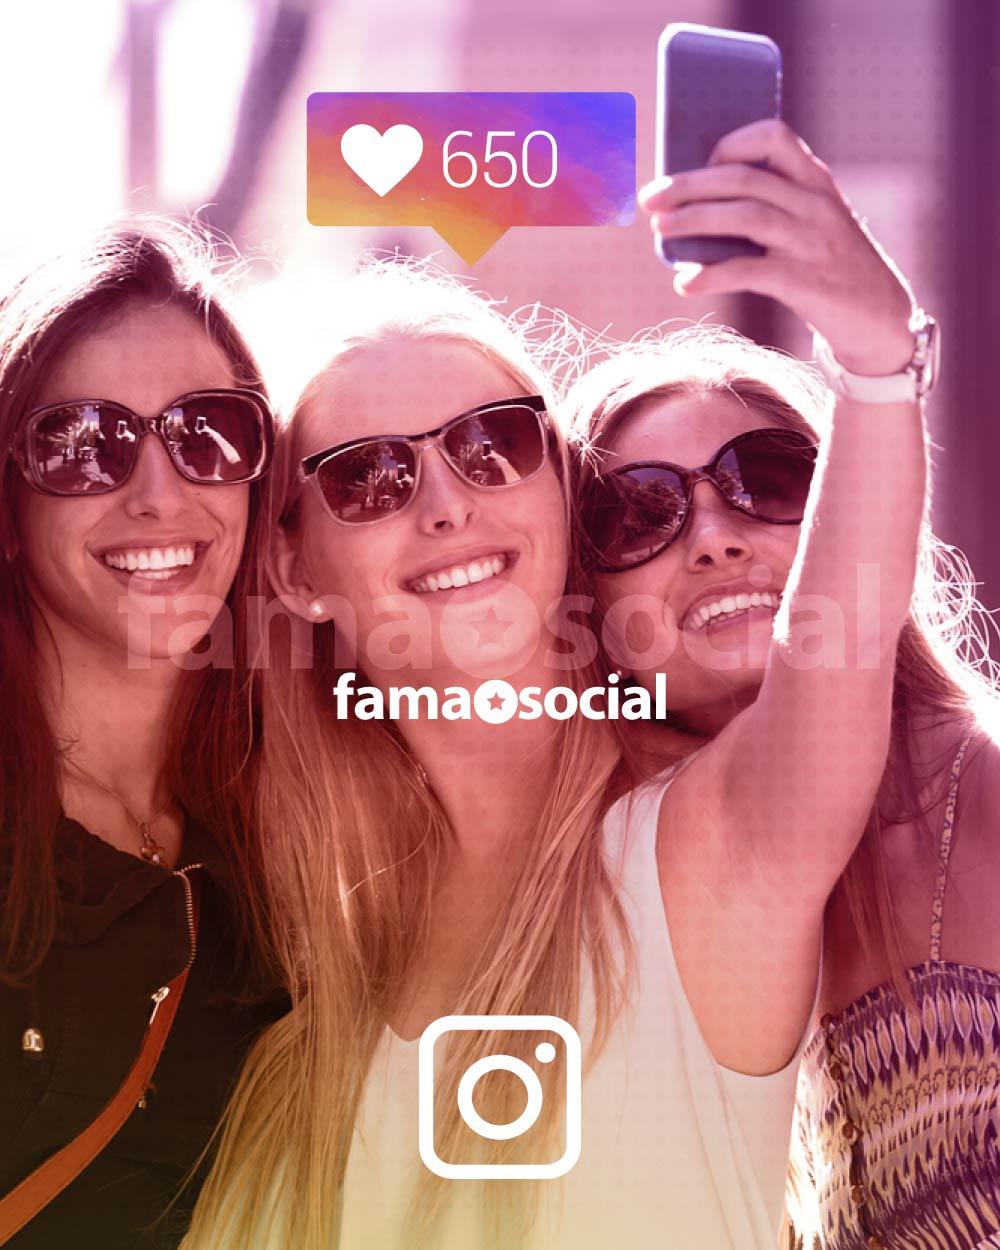 650 Likes para tus fotos ya cargadas en Instagram